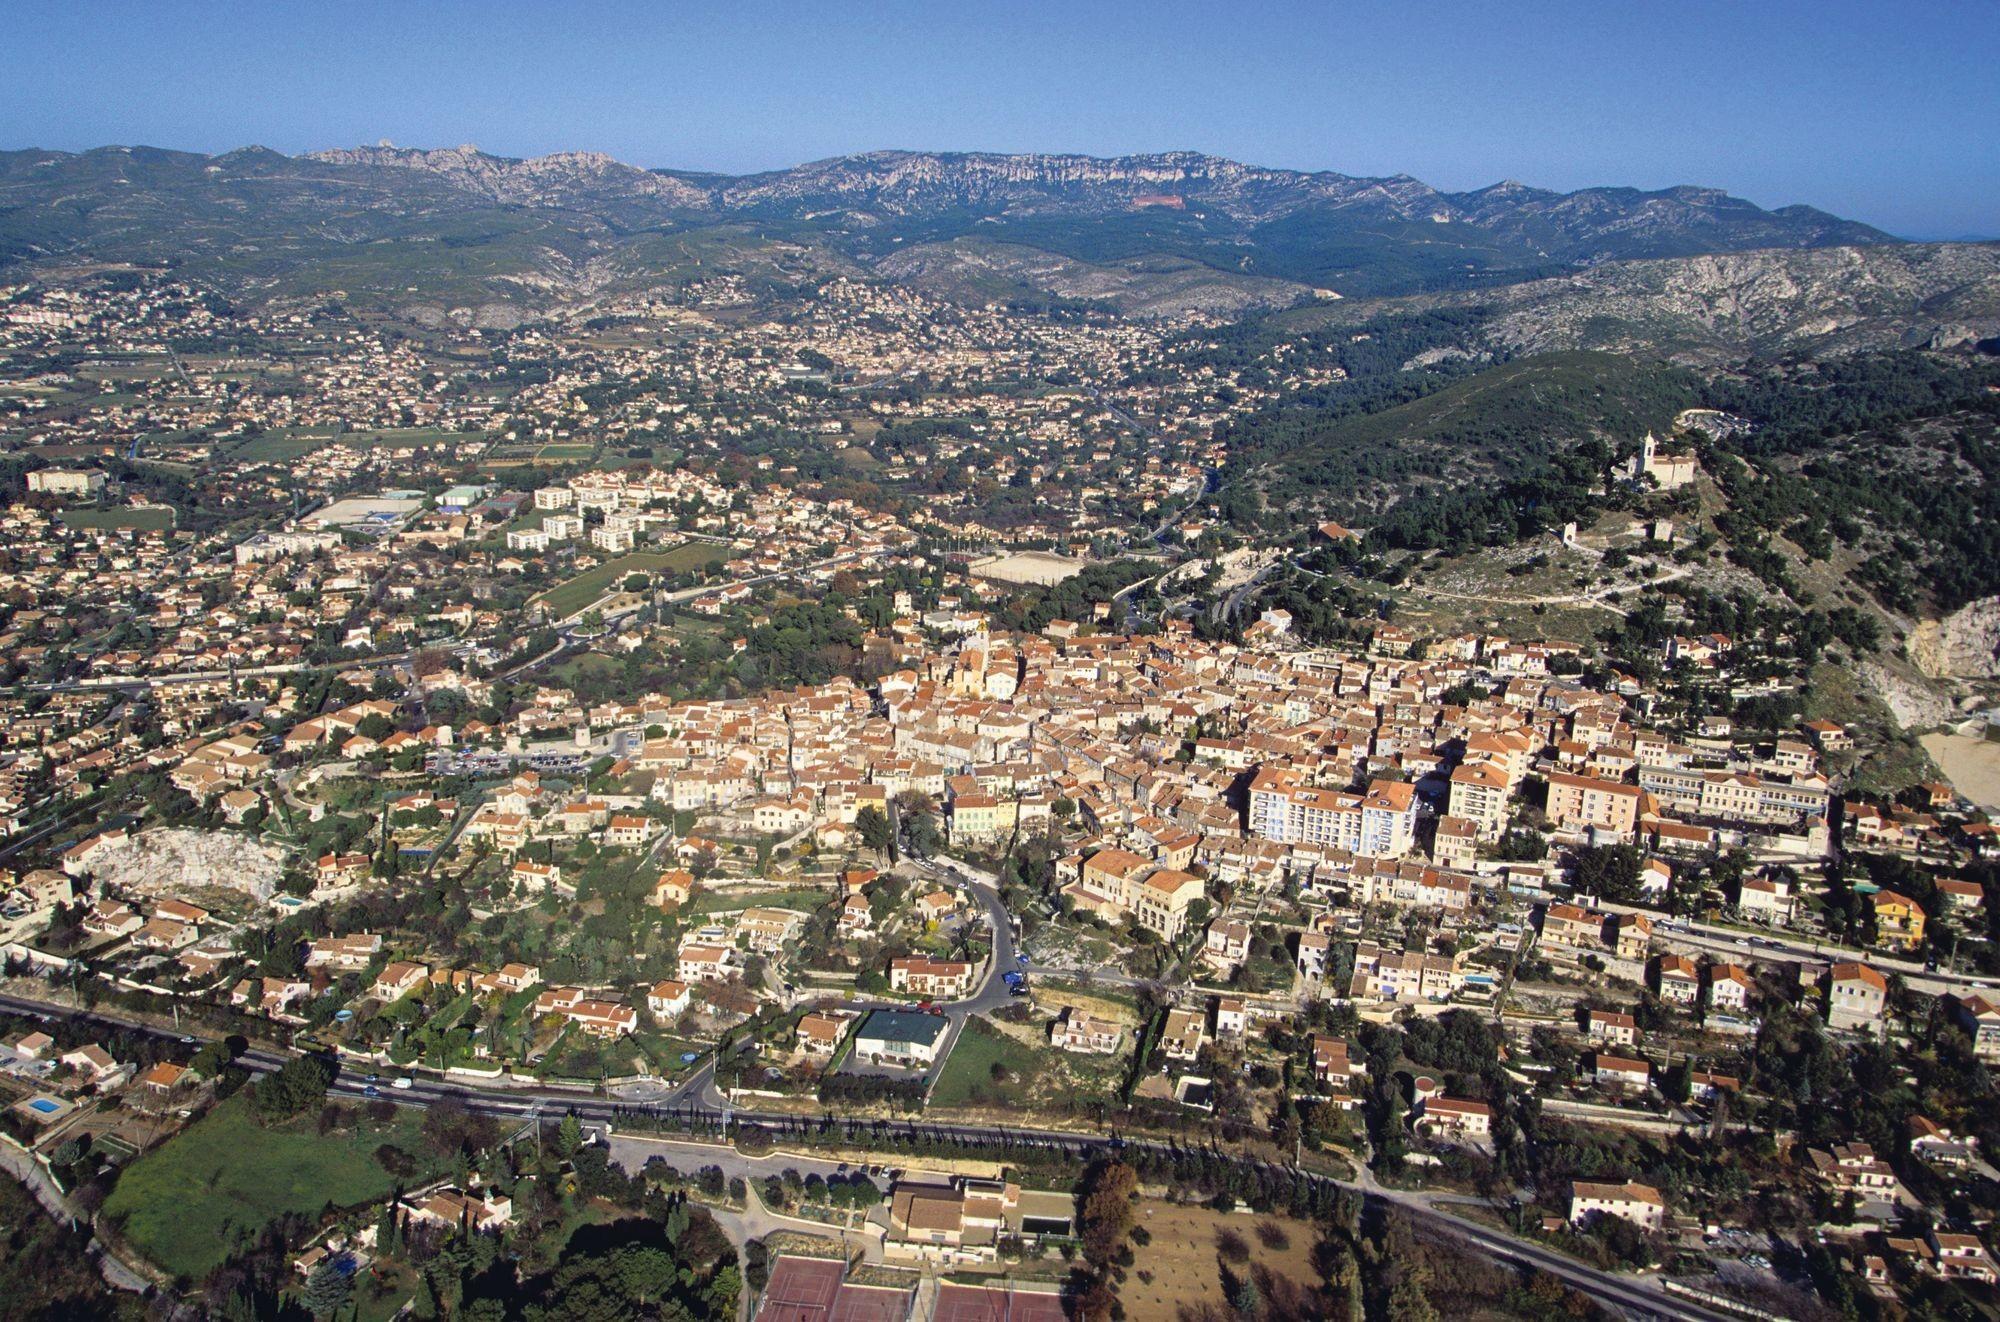 Vue aérienne de la commune d'Allauch